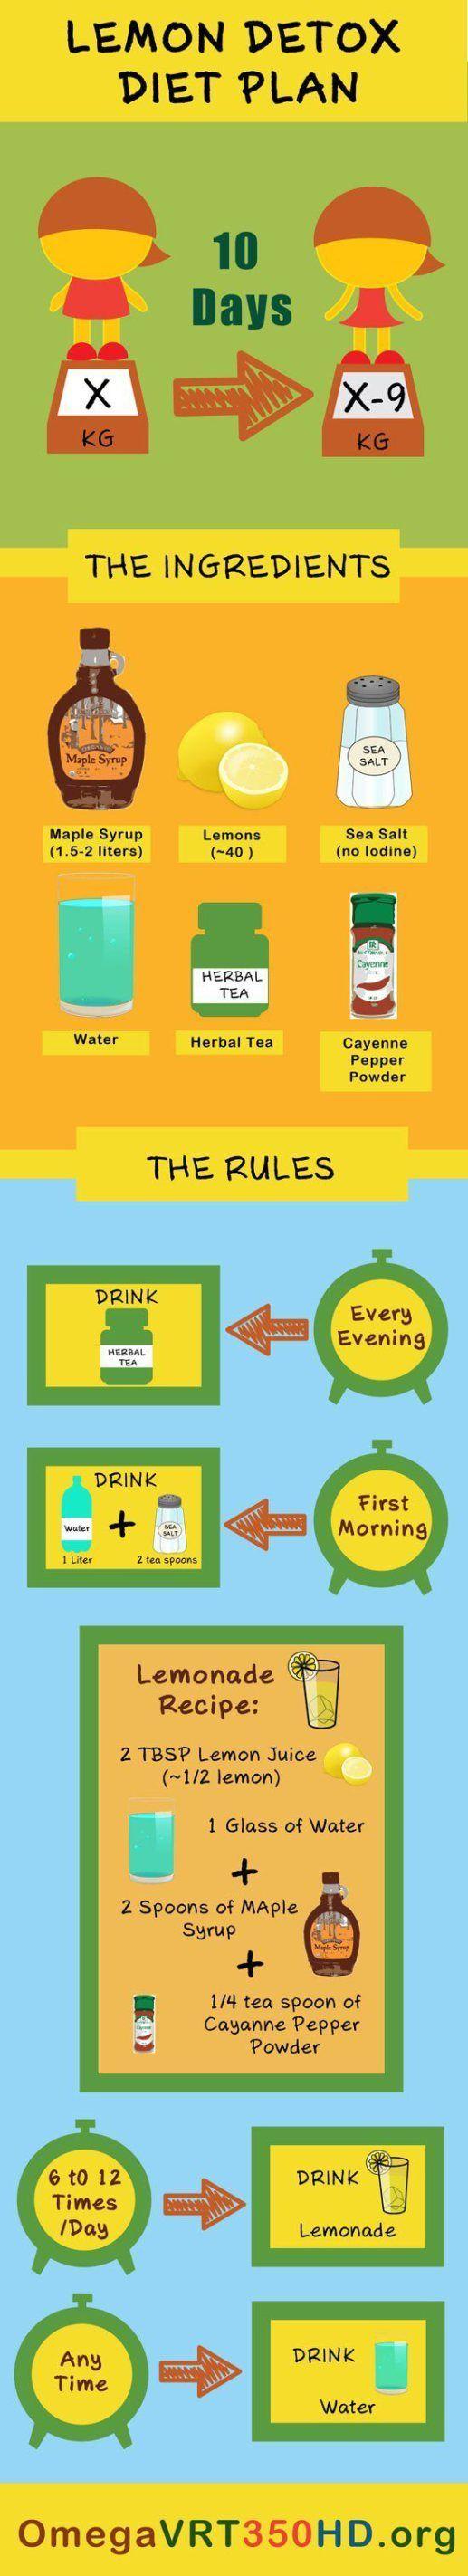 Detox Diet – Are You Ready for 10 Day Lemon Fast? lemon detox diet Master Cleanse infographiclemon detox diet Master Cleanse infographic